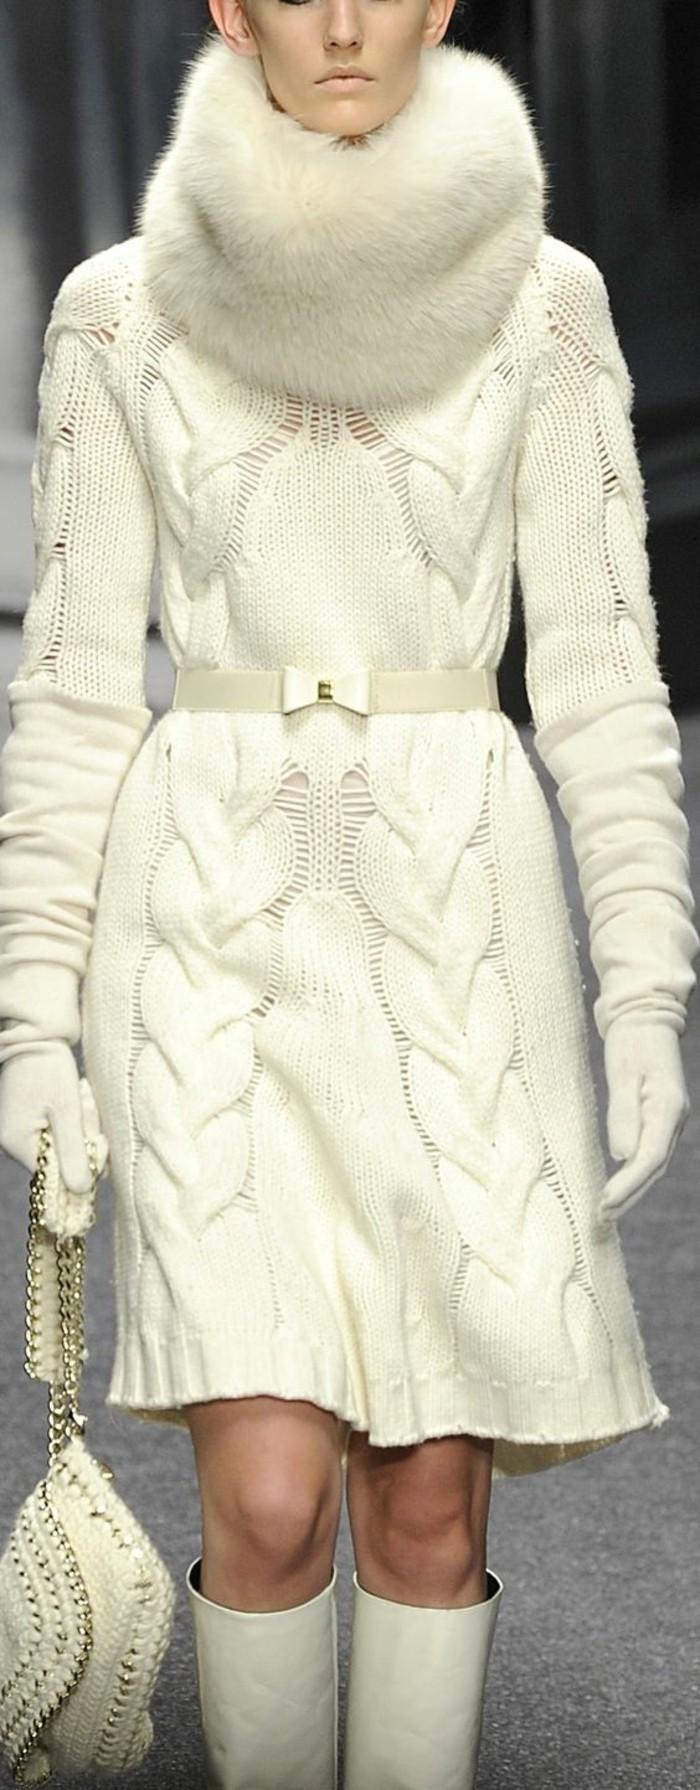 robe-en-laine-blanche-portée-avec-des-bottes-blanches